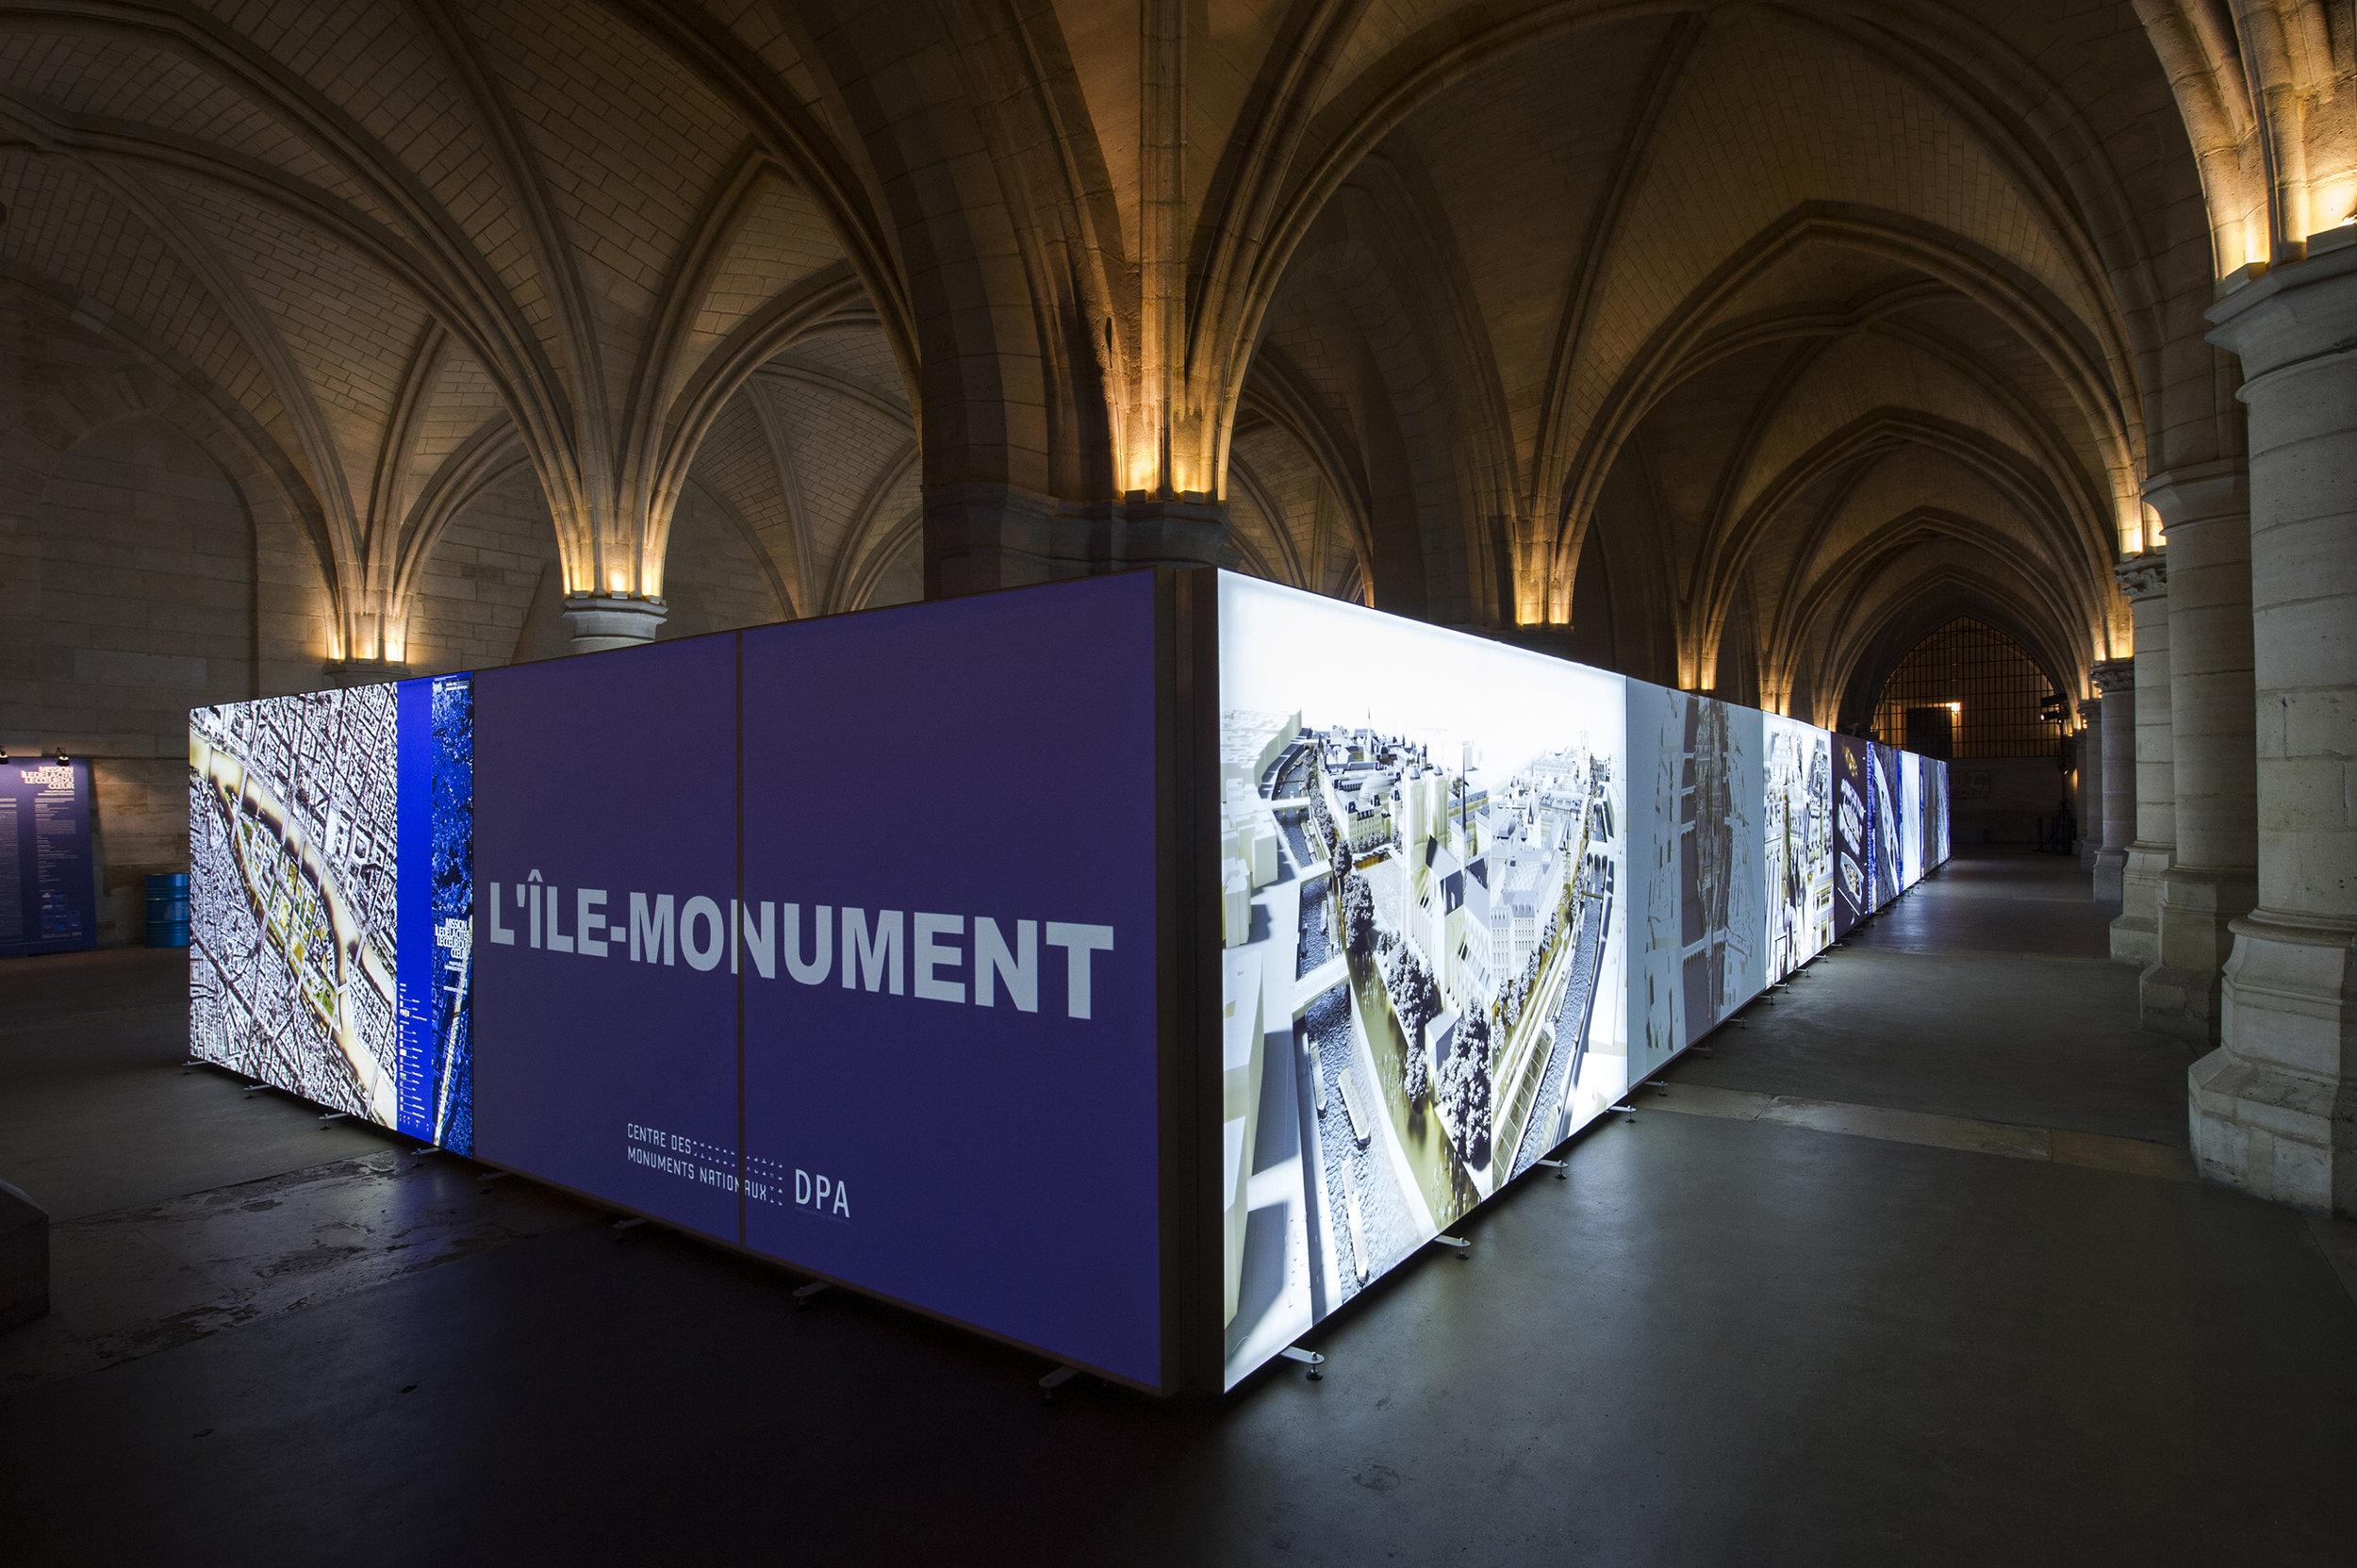 © DPA / Centre des monuments nationaux / Photo : Didier Plowy